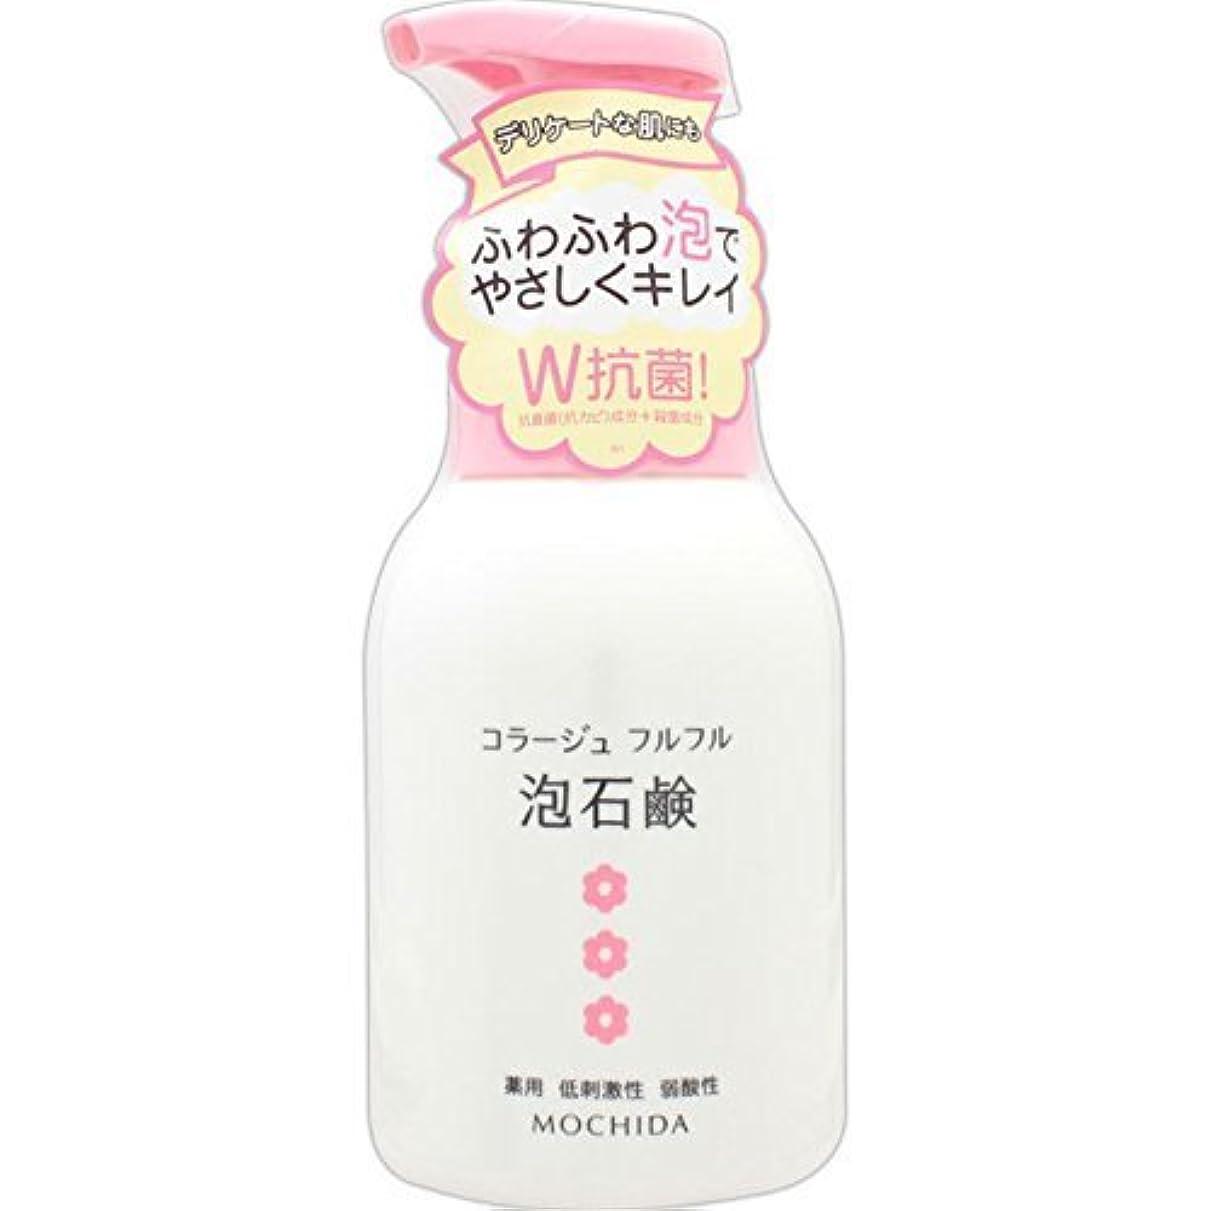 連続的お祝い施設コラージュフルフル 泡石鹸 ピンク 300m L (医薬部外品) ×9